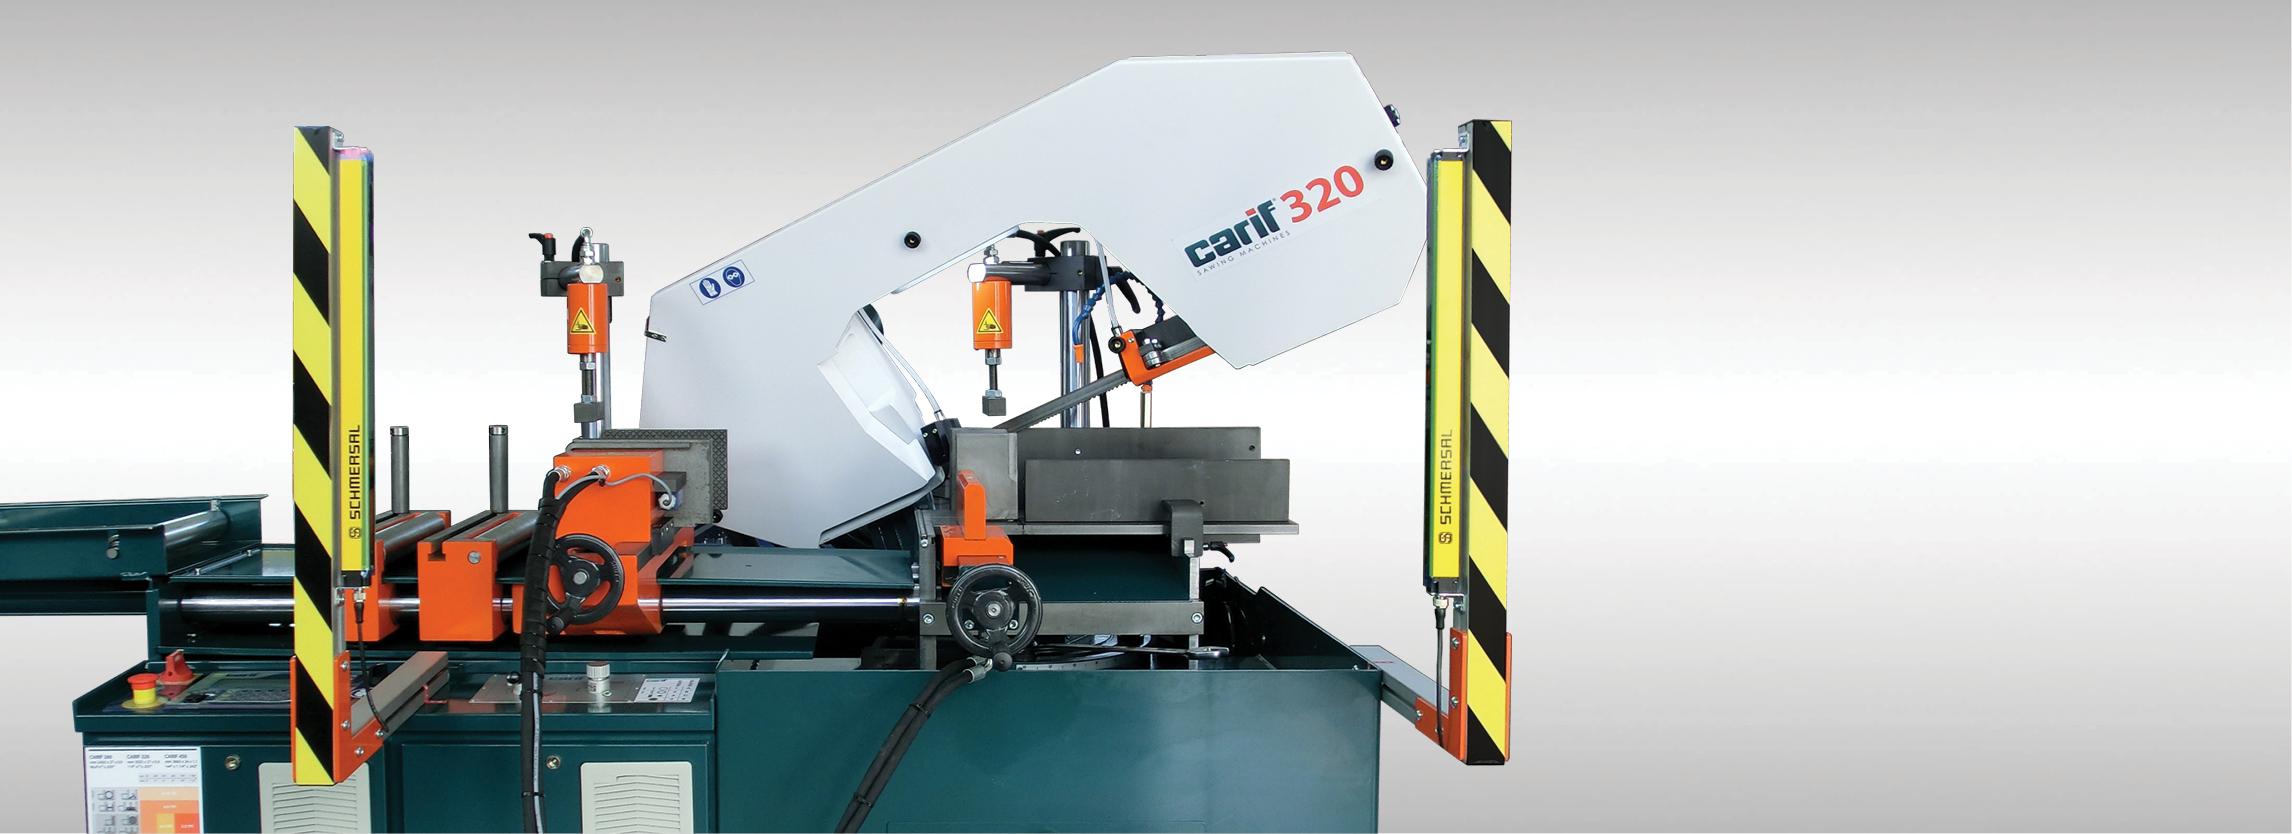 Carif 320 BA CNC slide 05